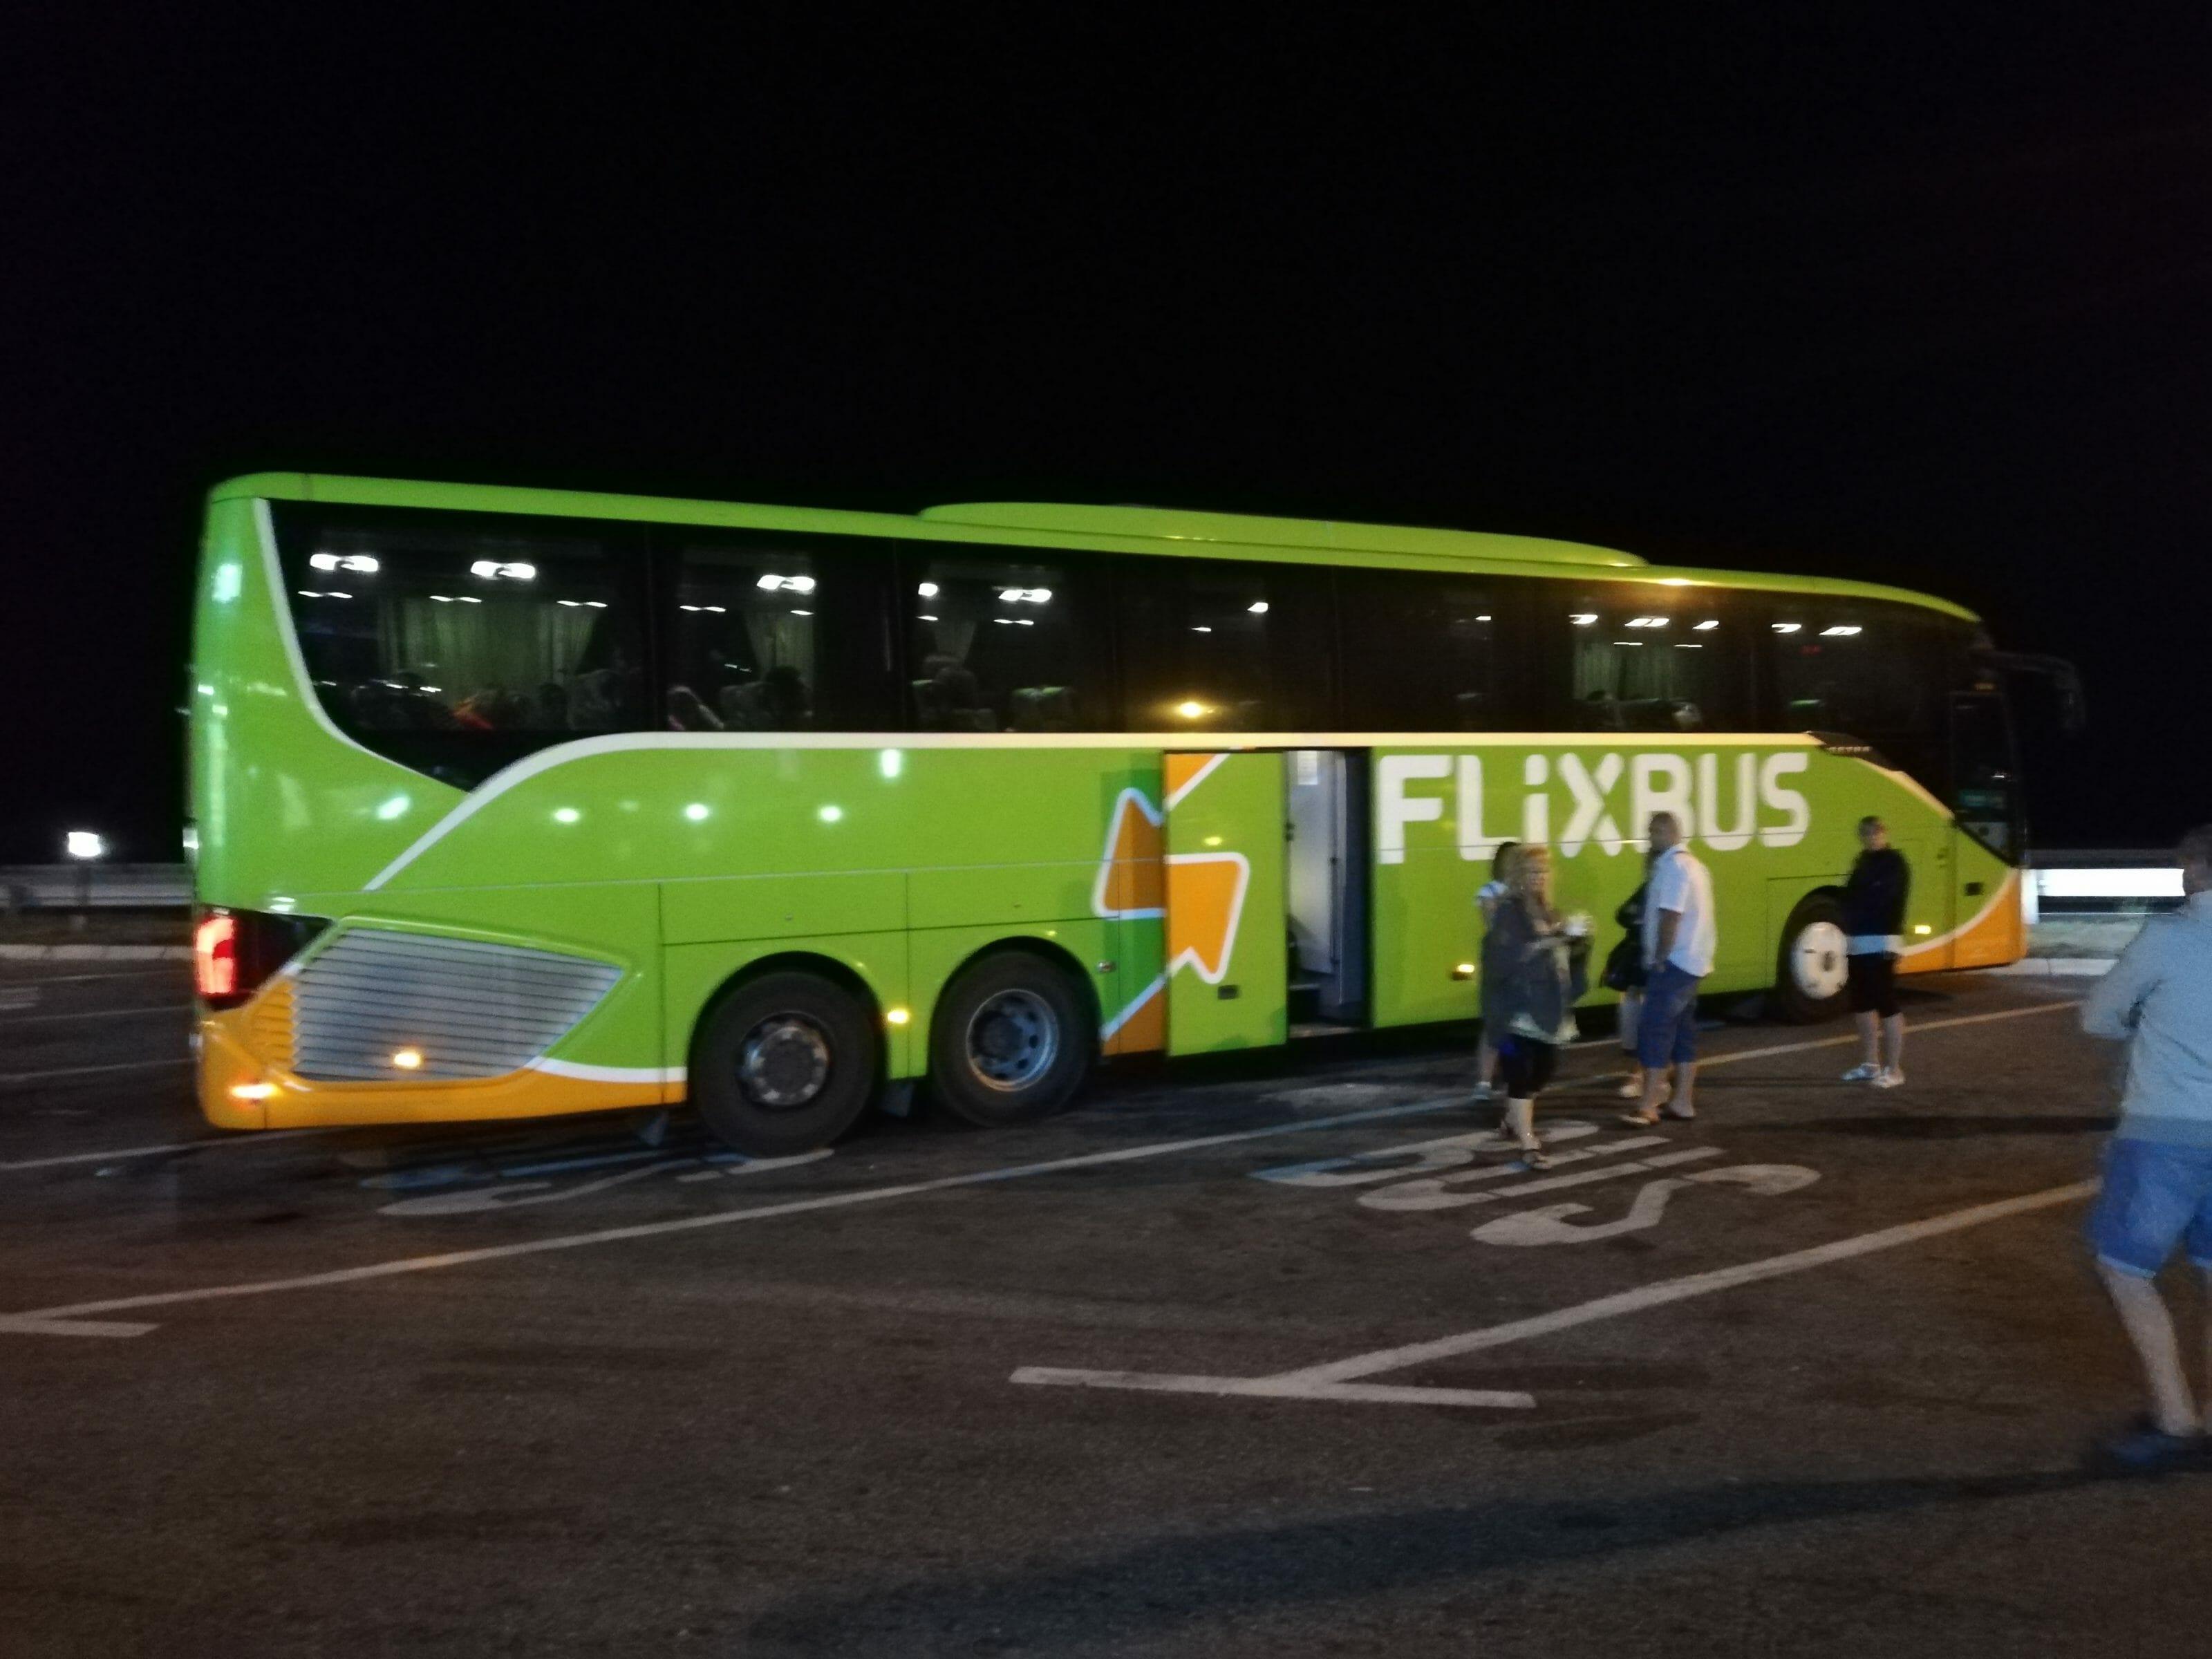 flixbus europe